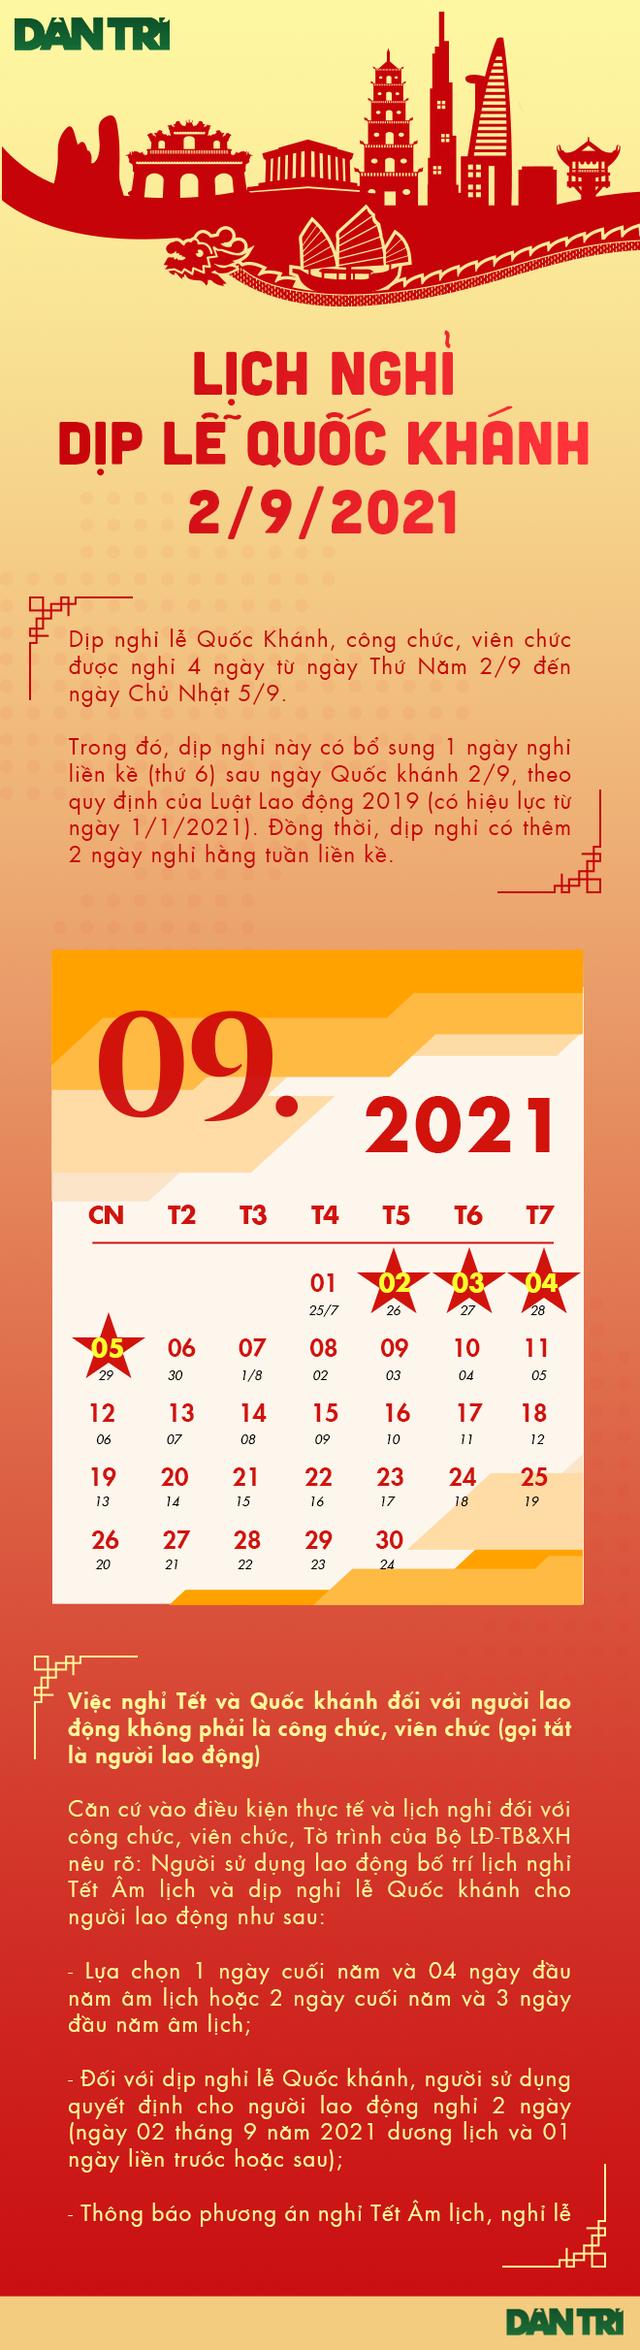 Infographic: Lịch nghỉ Tết Nguyên đán Tân Sửu và Quốc khánh 2/9 - 2